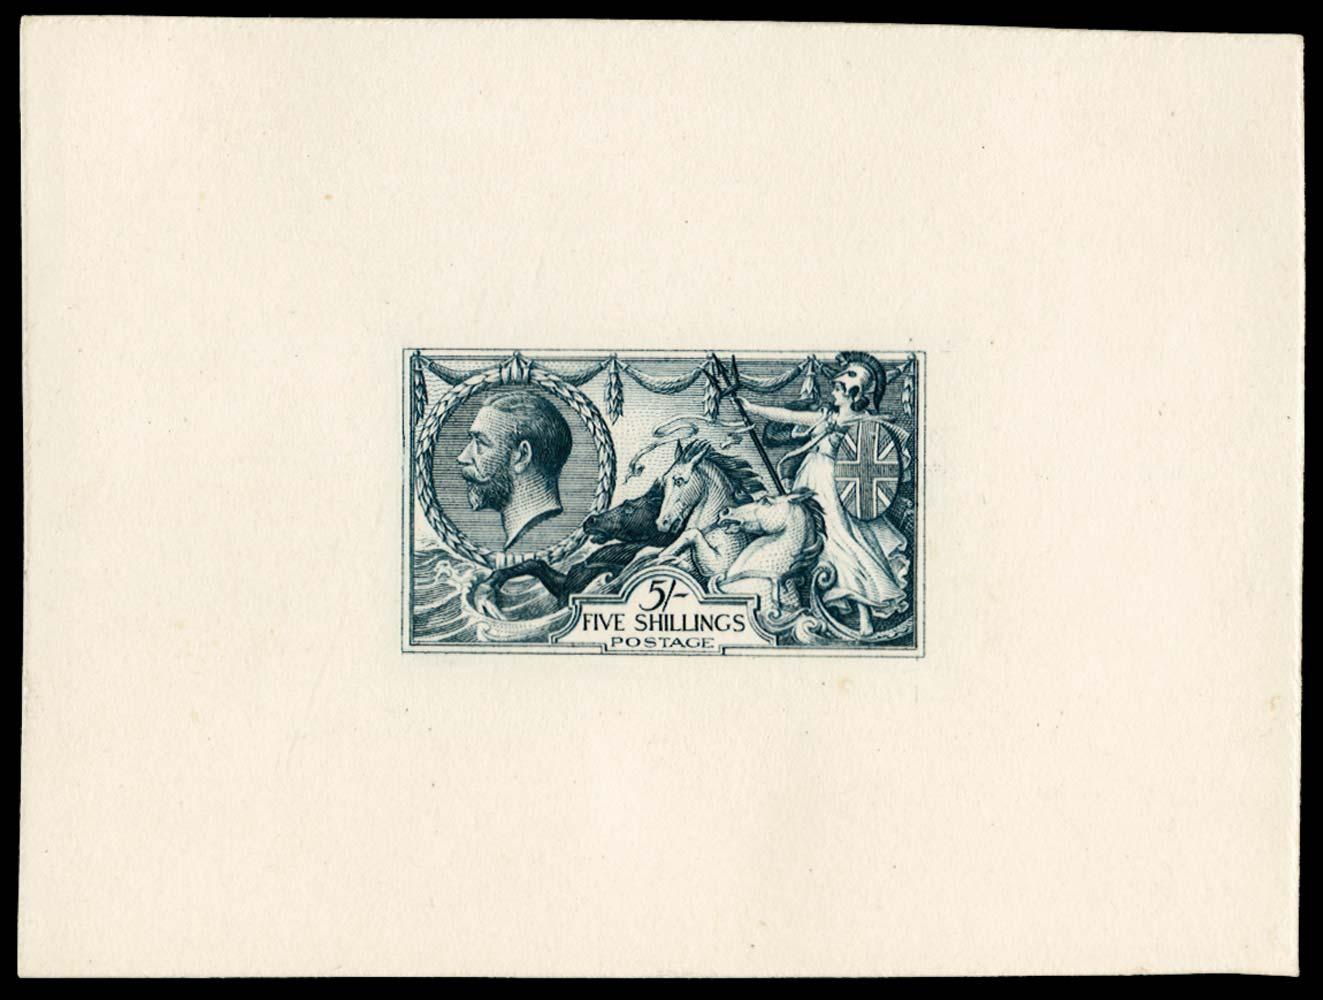 GB 1912  SG401var Die Proof state b in deep grey-blue